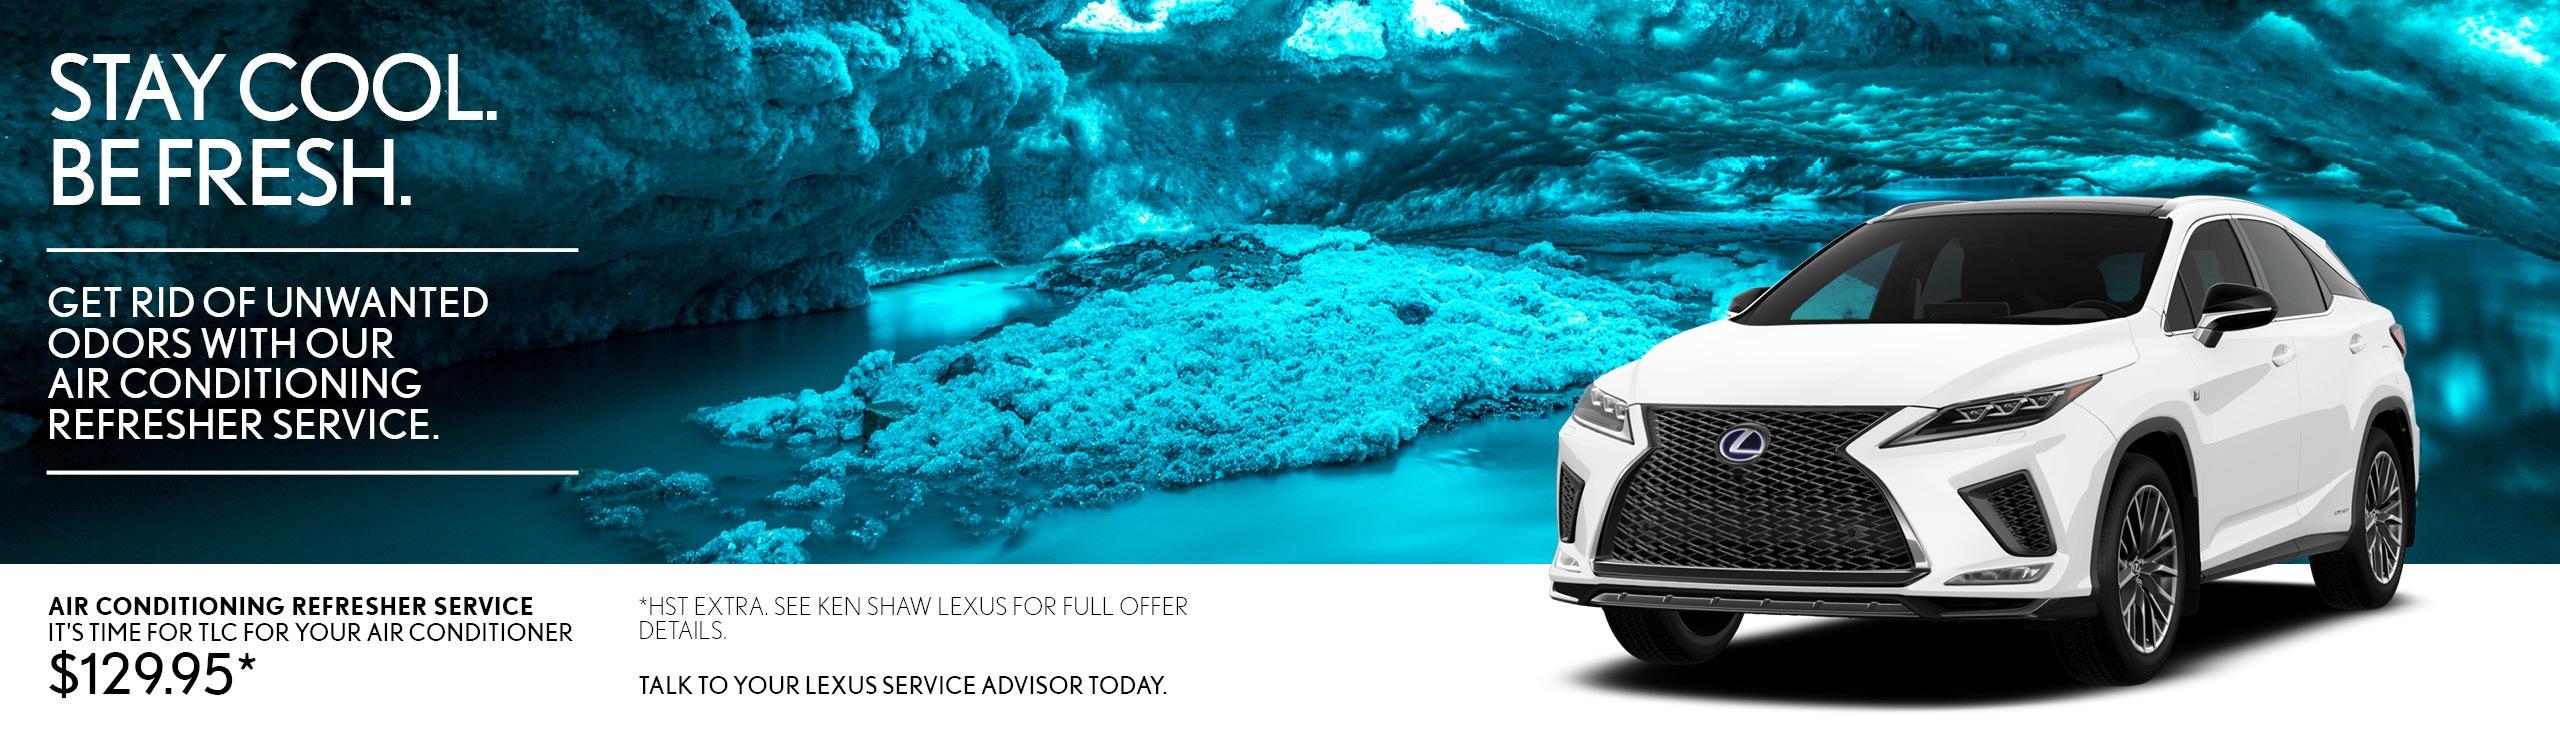 Ken Shaw Lexus air conditioning service clean air toronto, gta repair offer